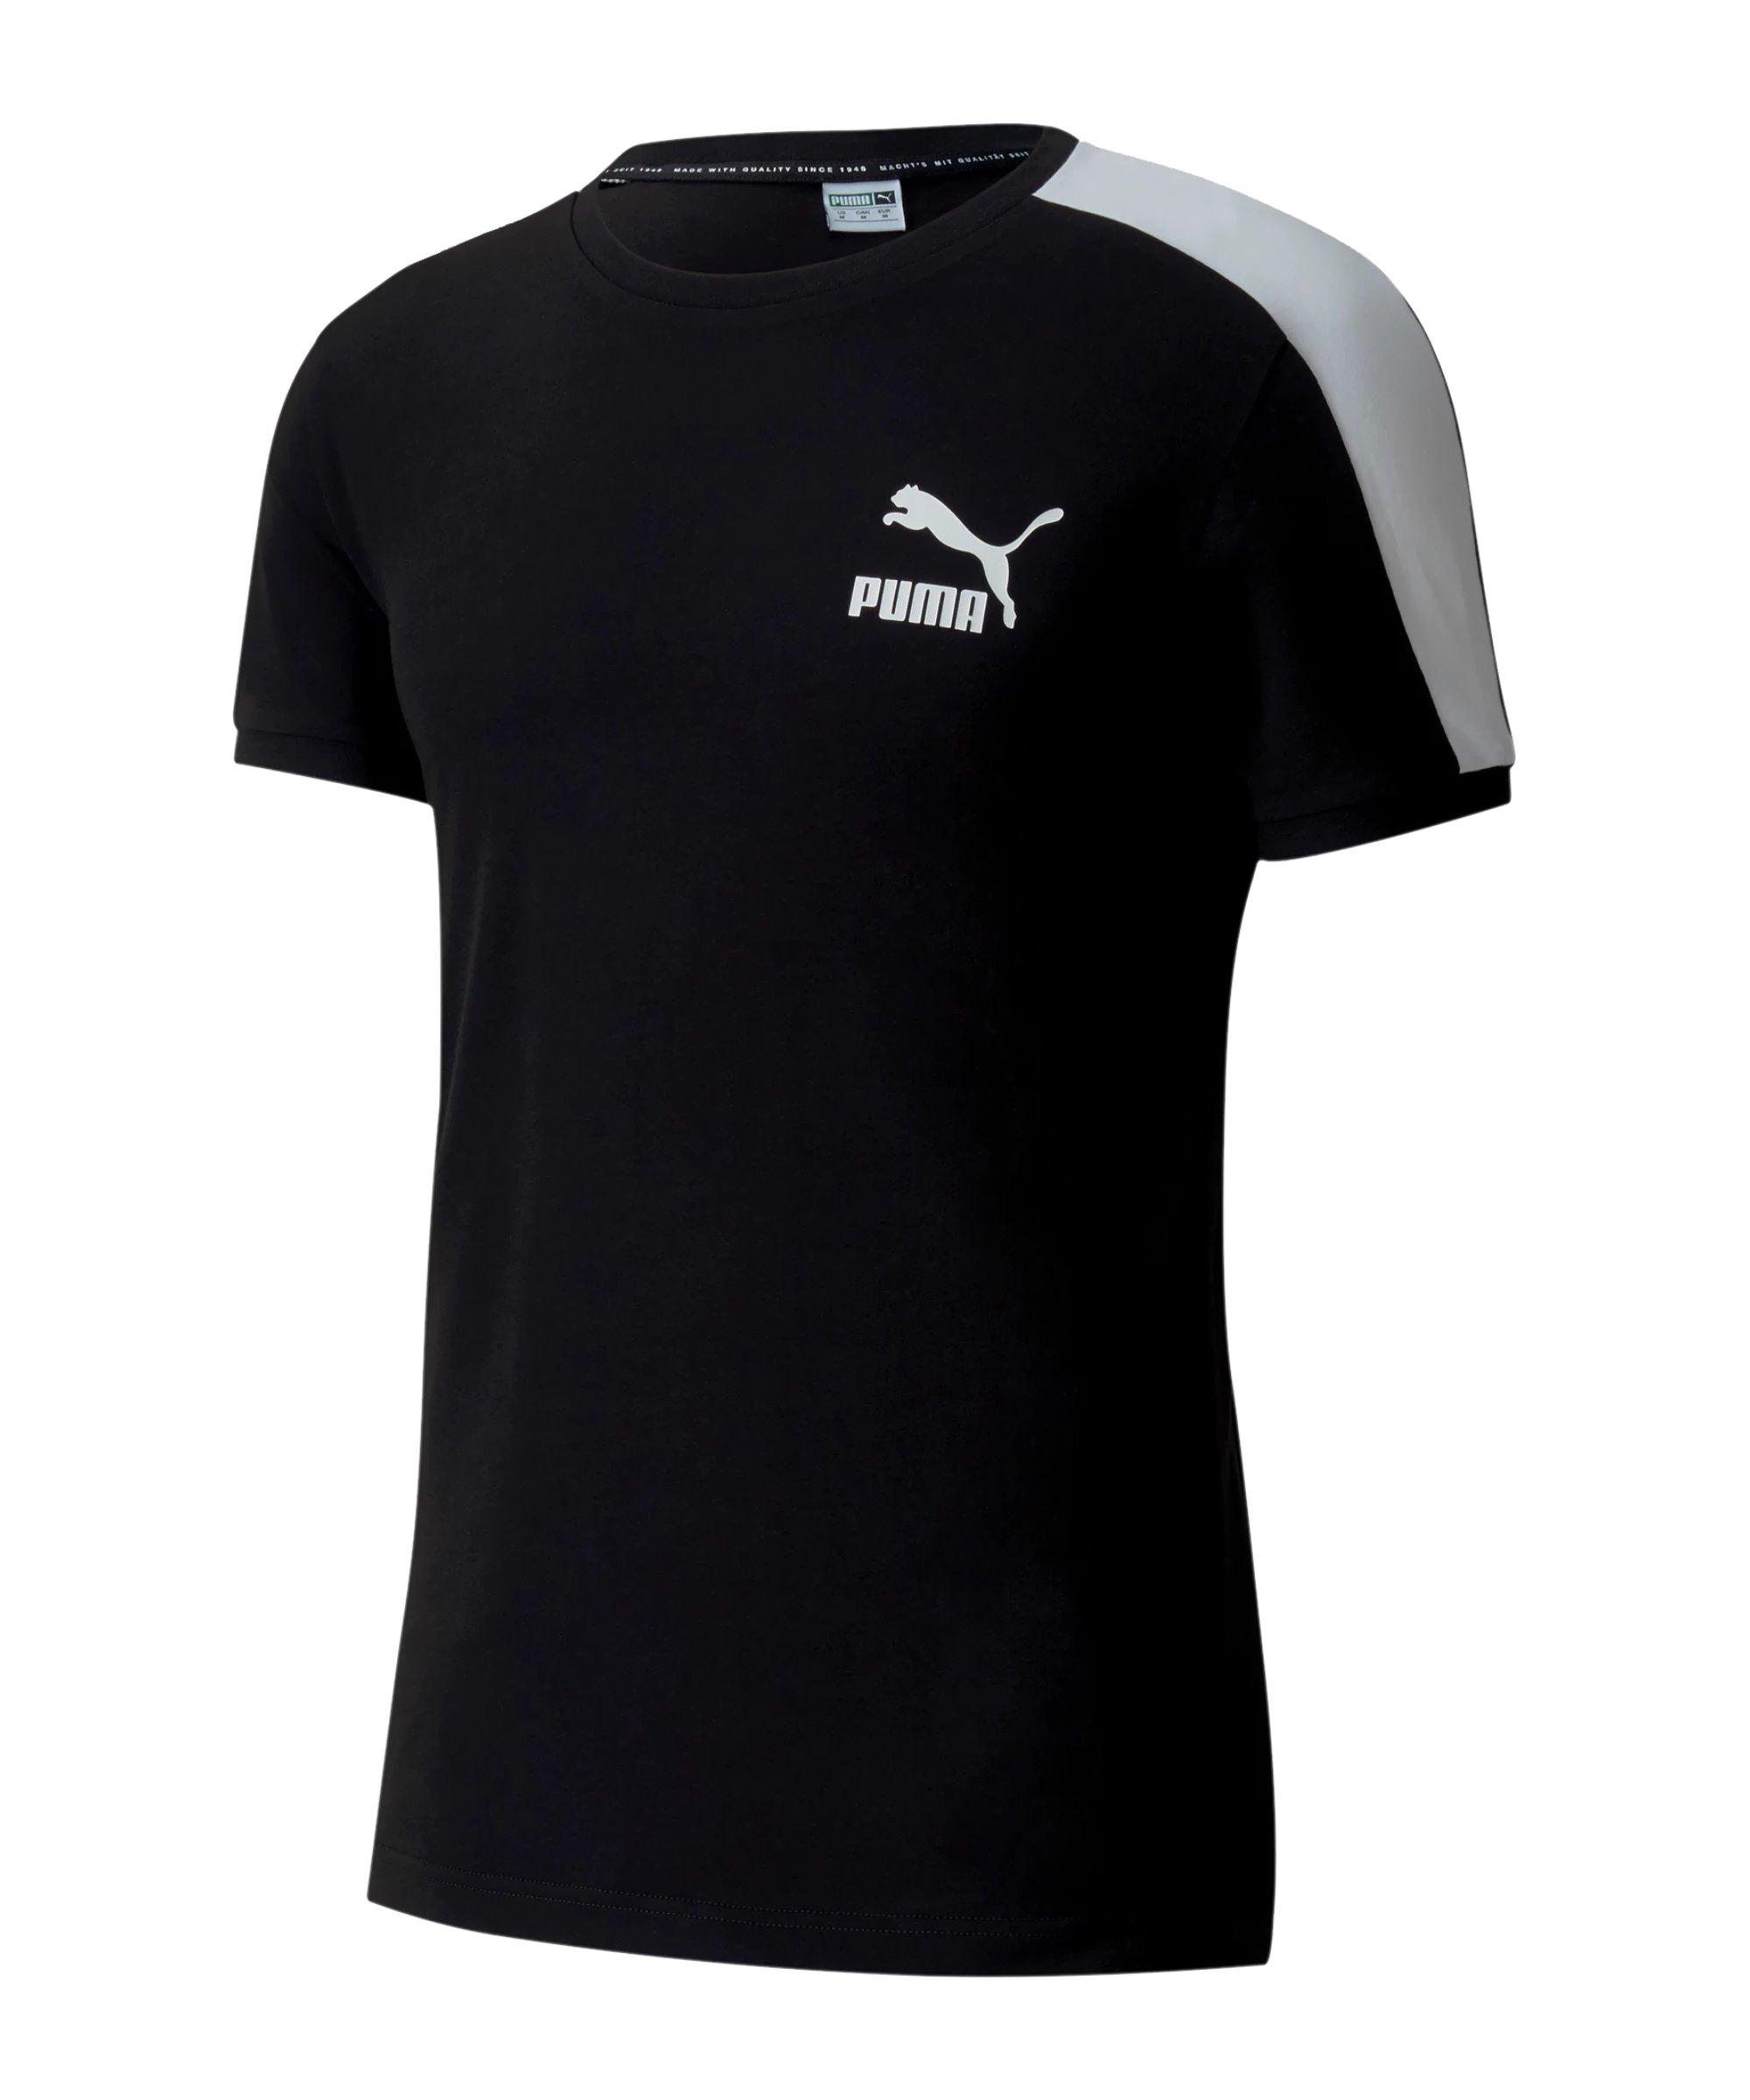 PUMA Iconic T7 Slim Tee T-Shirt Schwarz F51 - schwarz